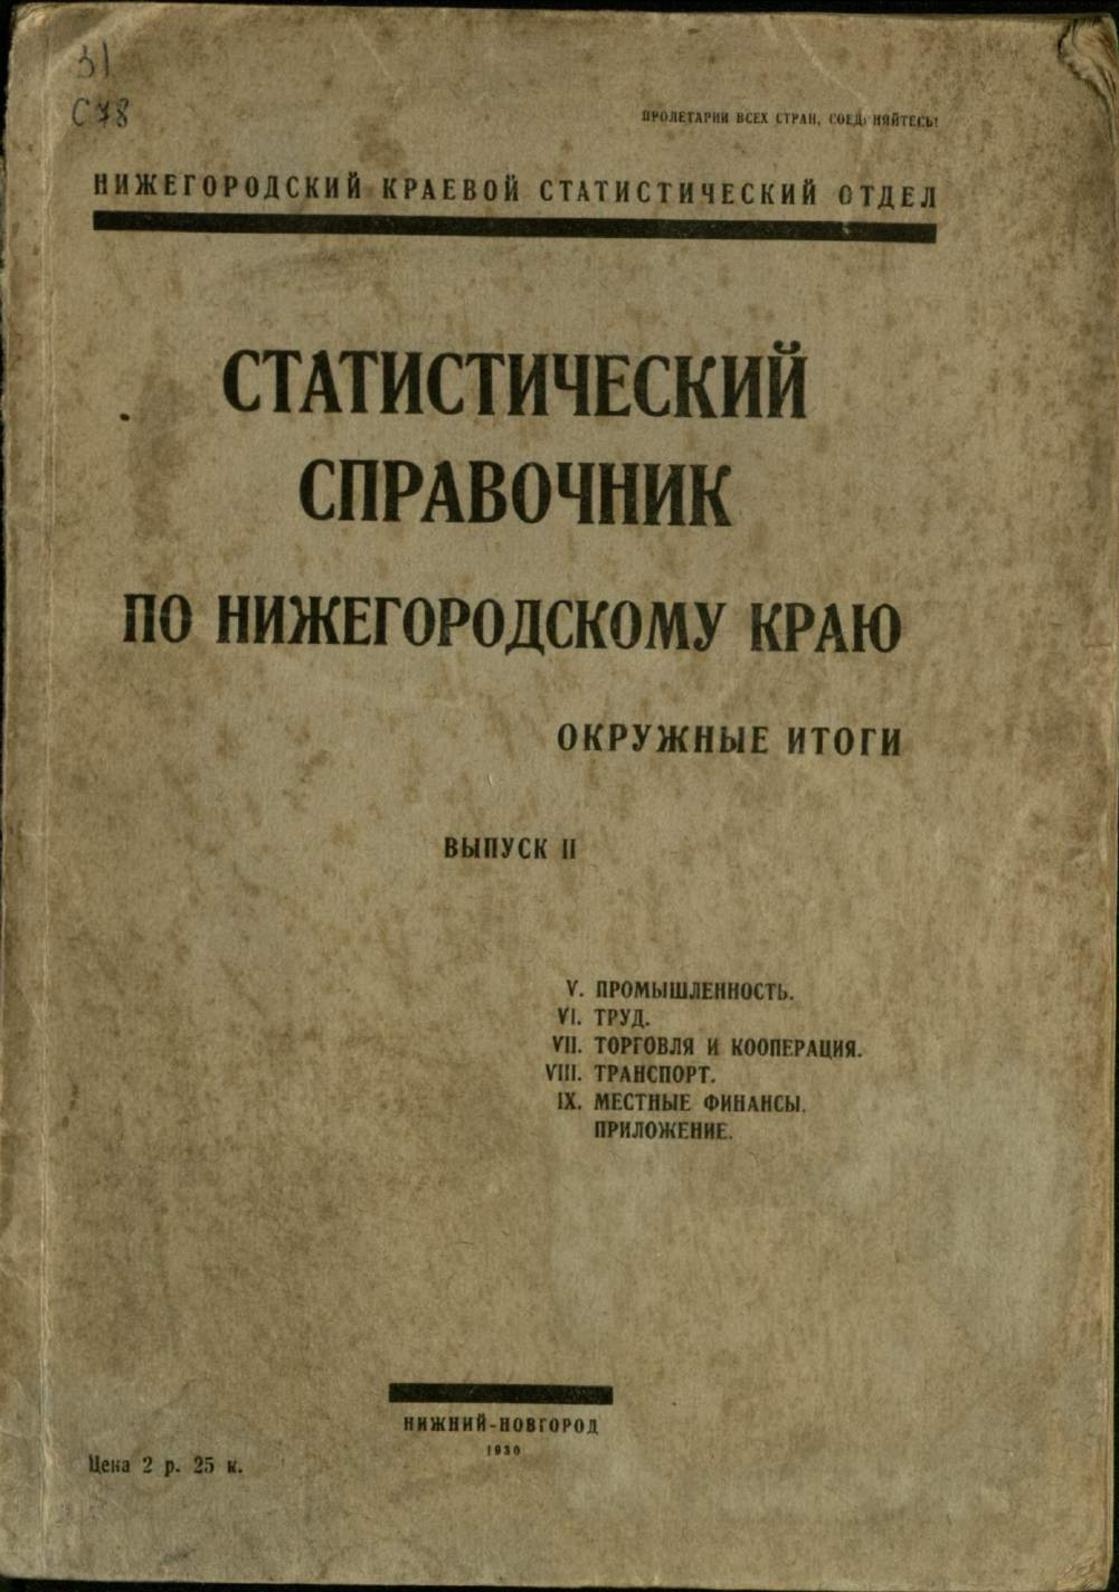 Статистический справочник по Нижегородскому краю. 1930 г.